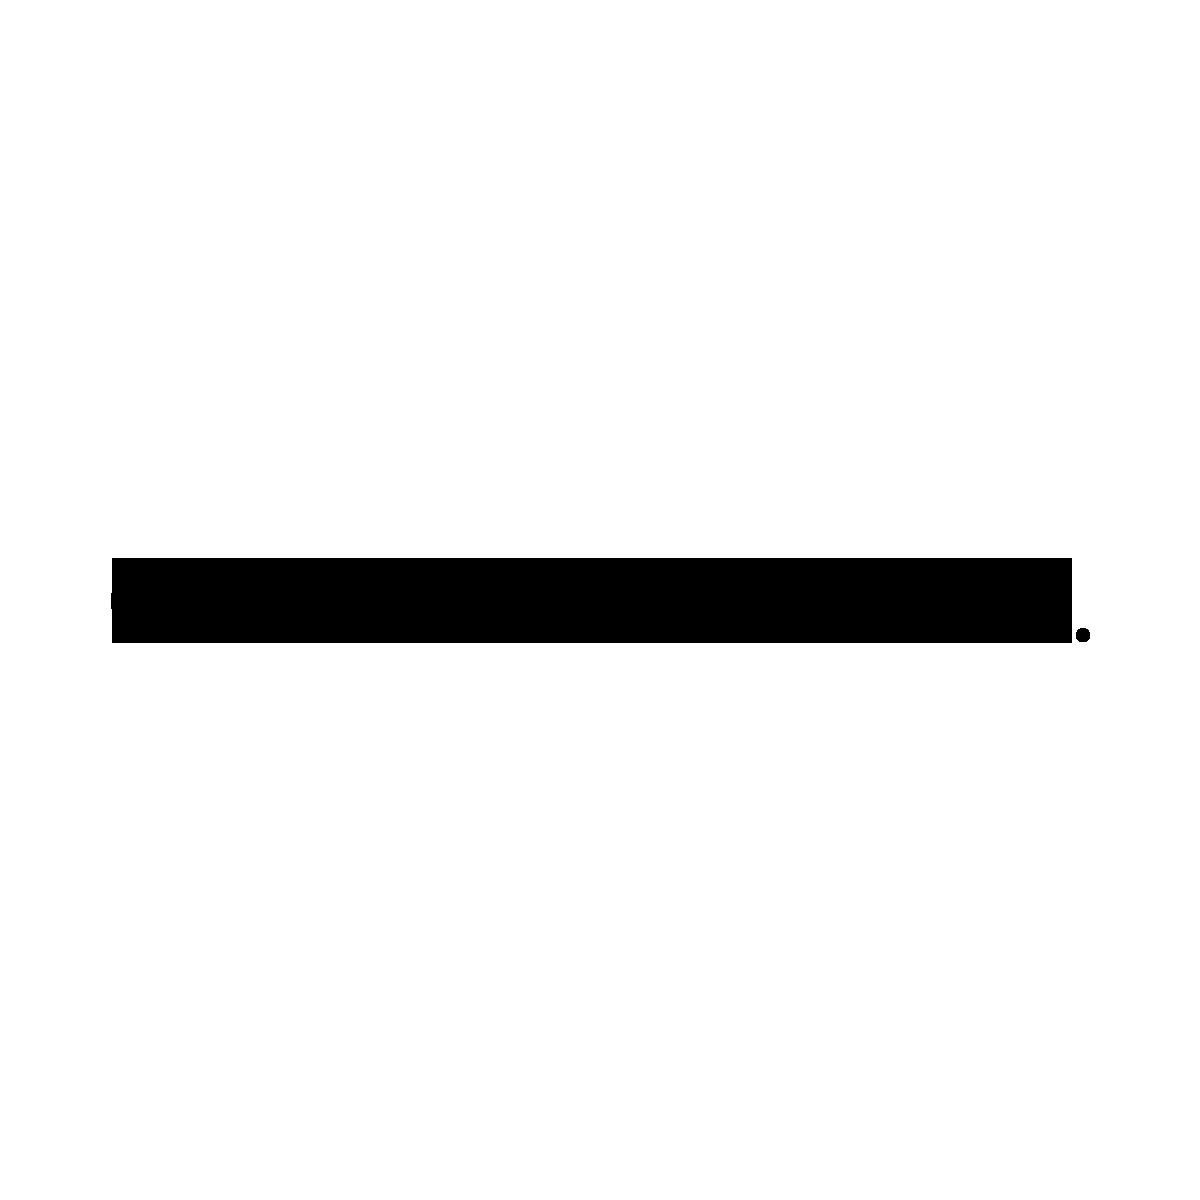 Sneaker-Crista-Wit